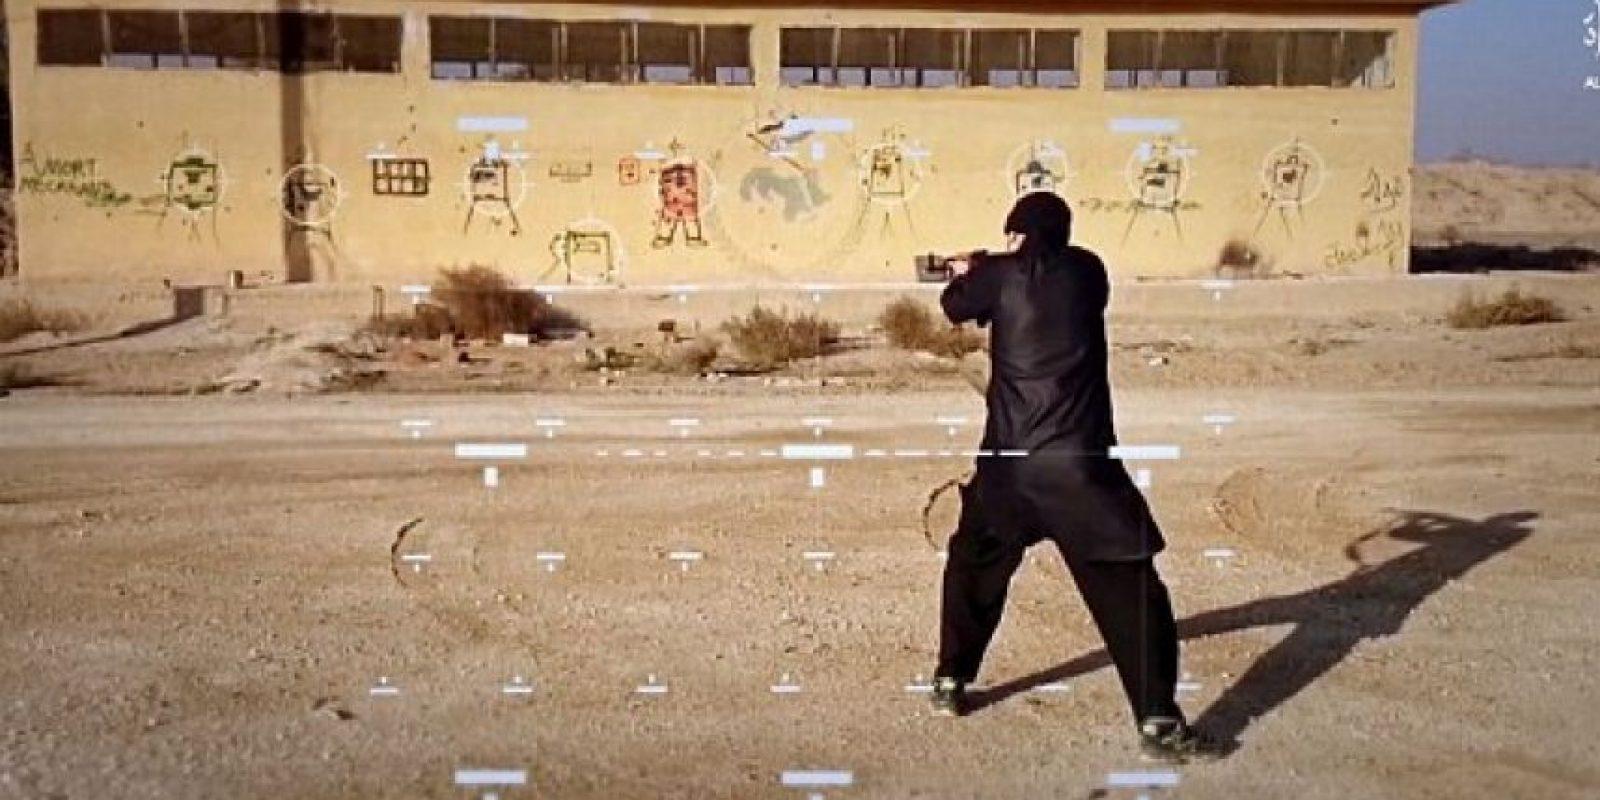 Es hermano de Abdeslam Salah, quien aún continúa prófugo. Foto:Video de Estado Islámico. Imagen Por: